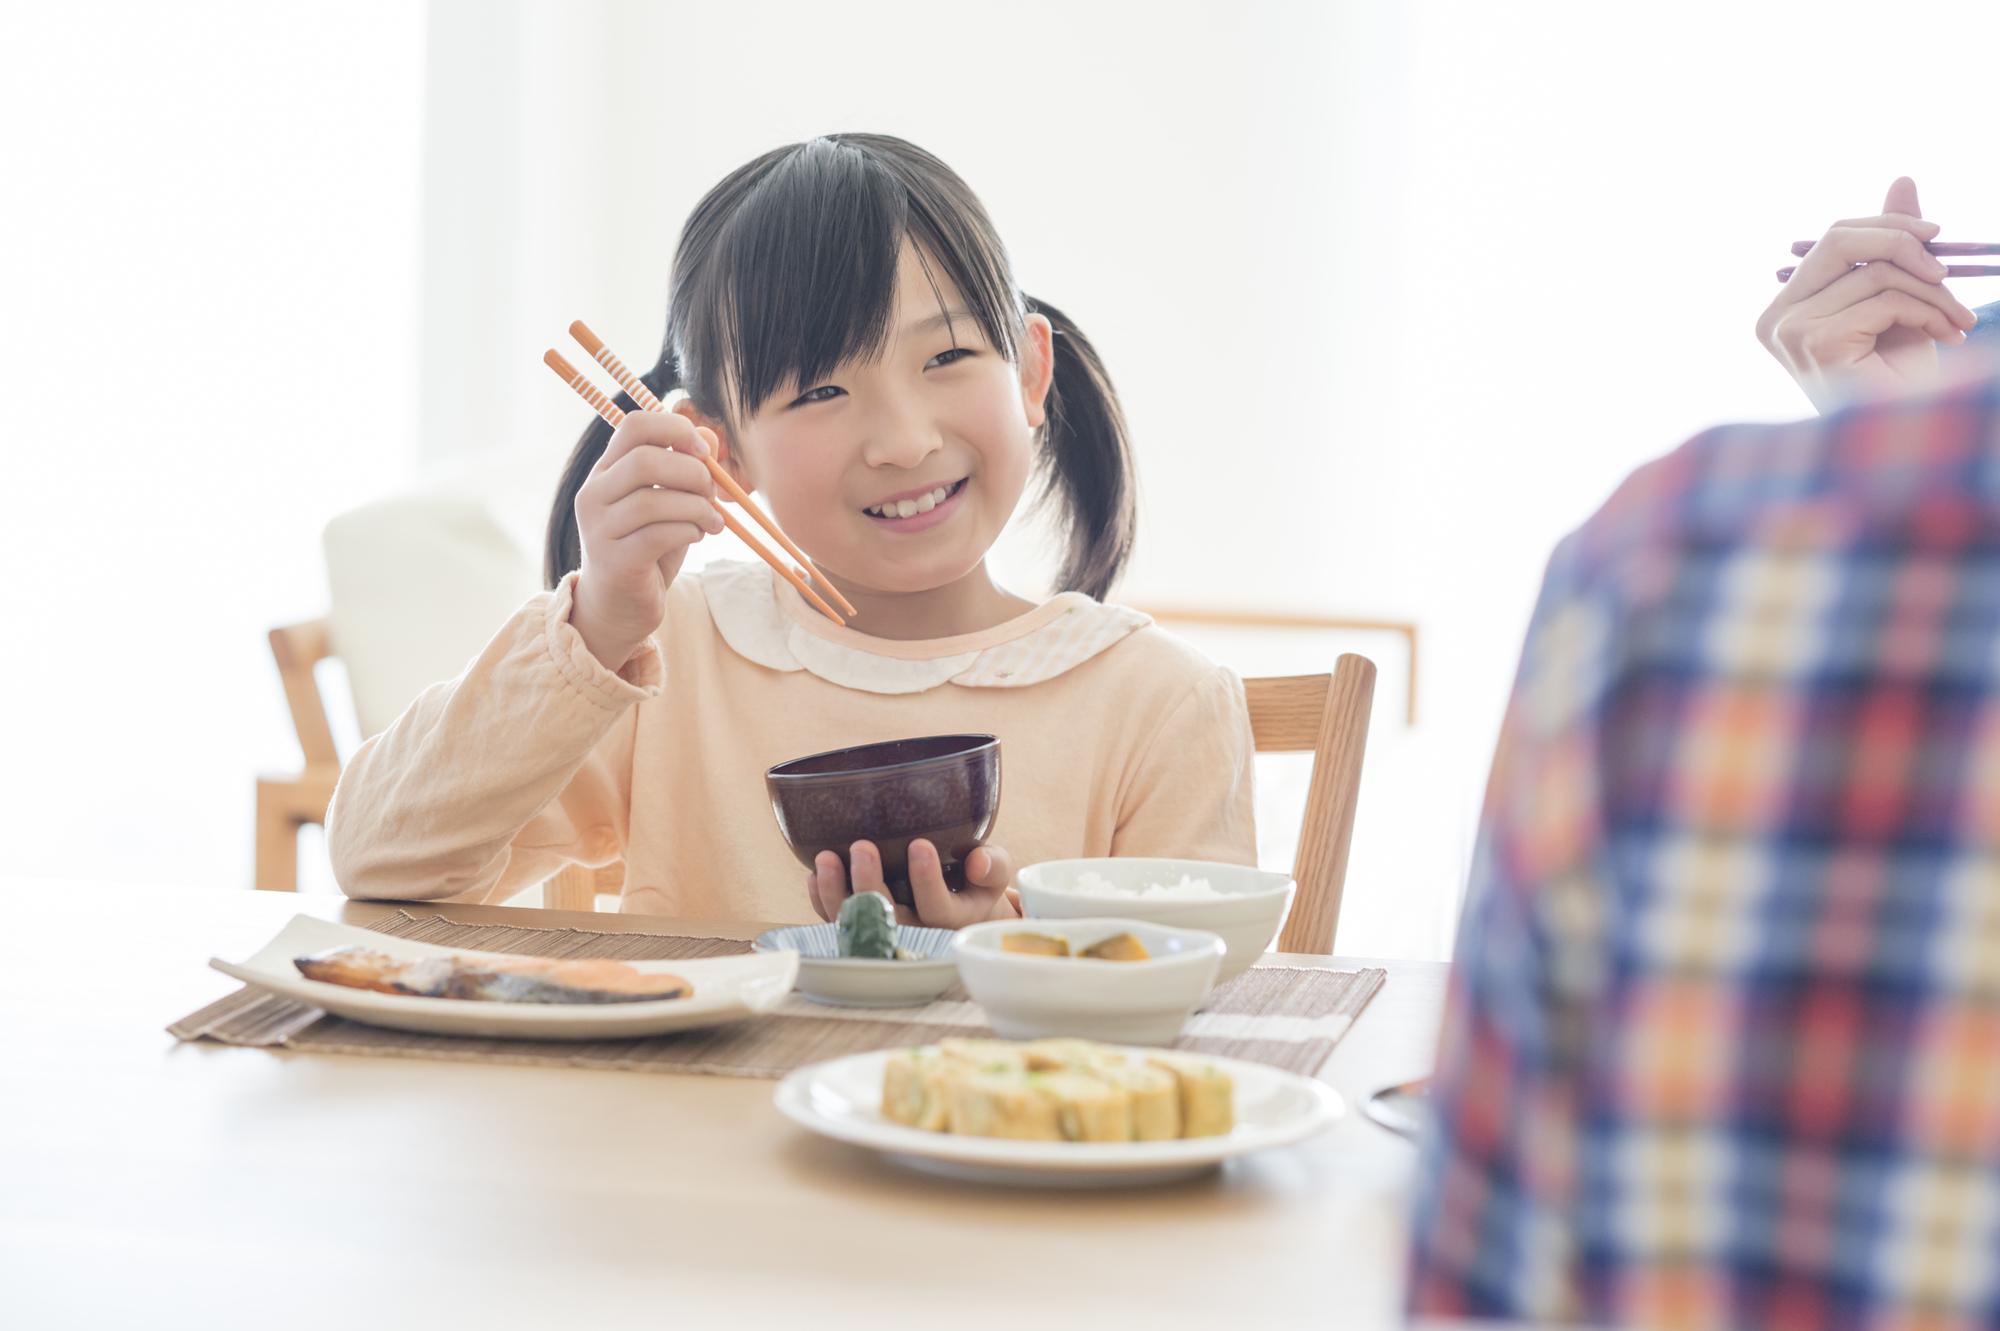 【起立性調節障害の子どもの食事】おすすめ・NGの食べ物。運動や睡眠も